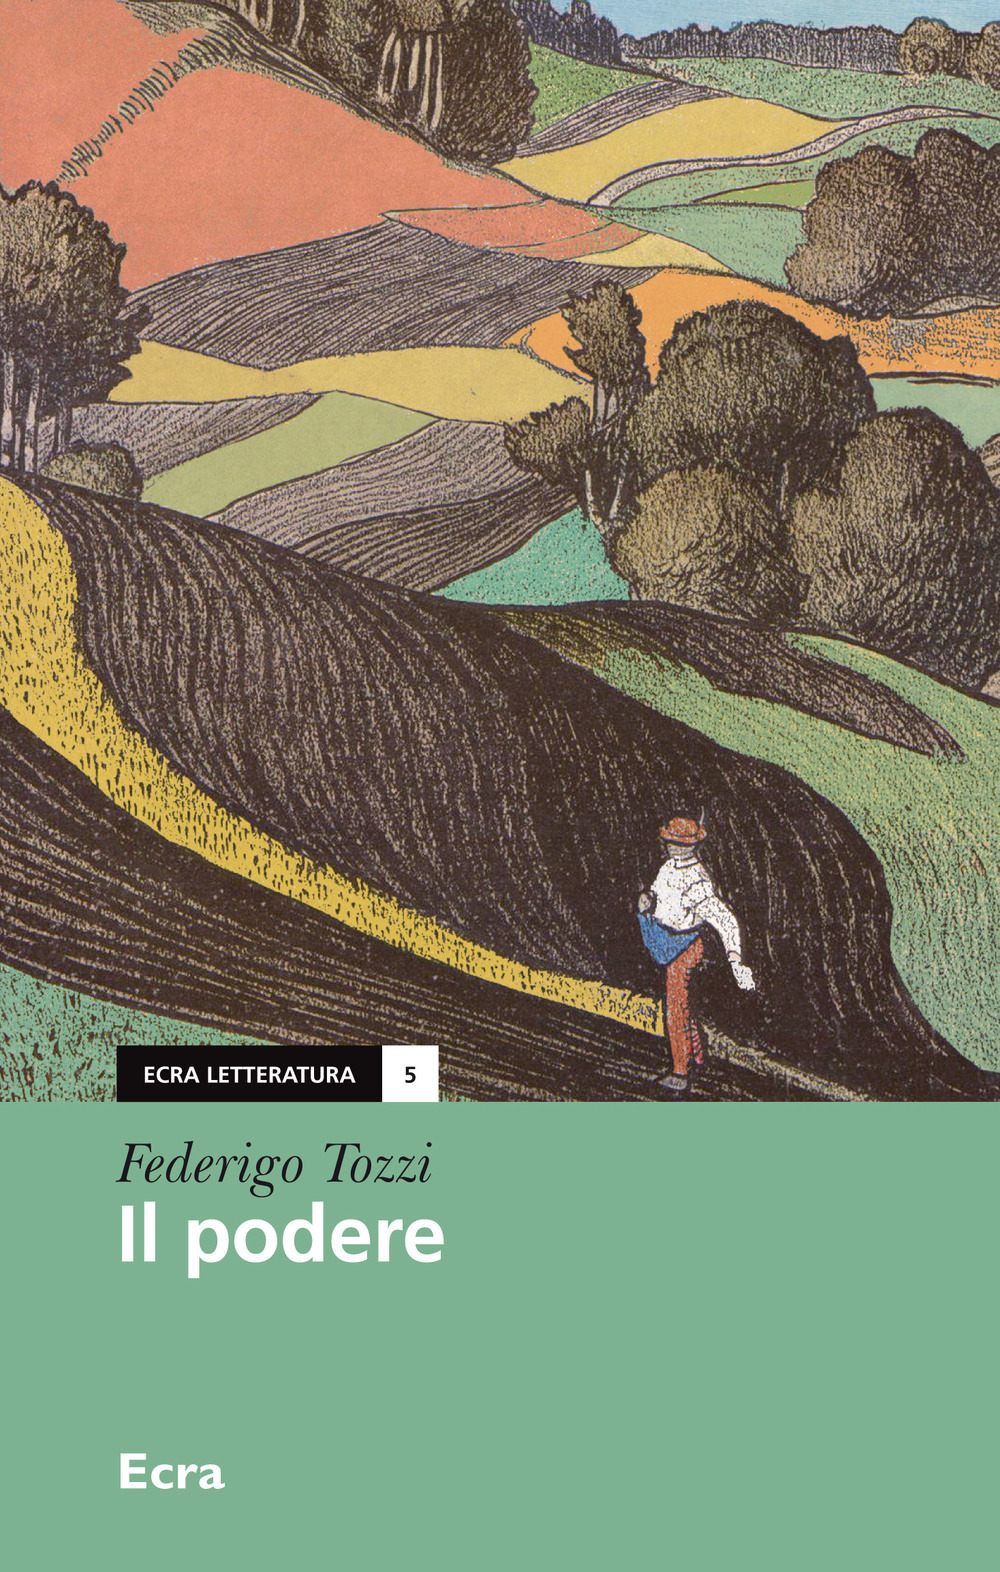 Federigo Tozzi - Il podere (edizioni Ecra)